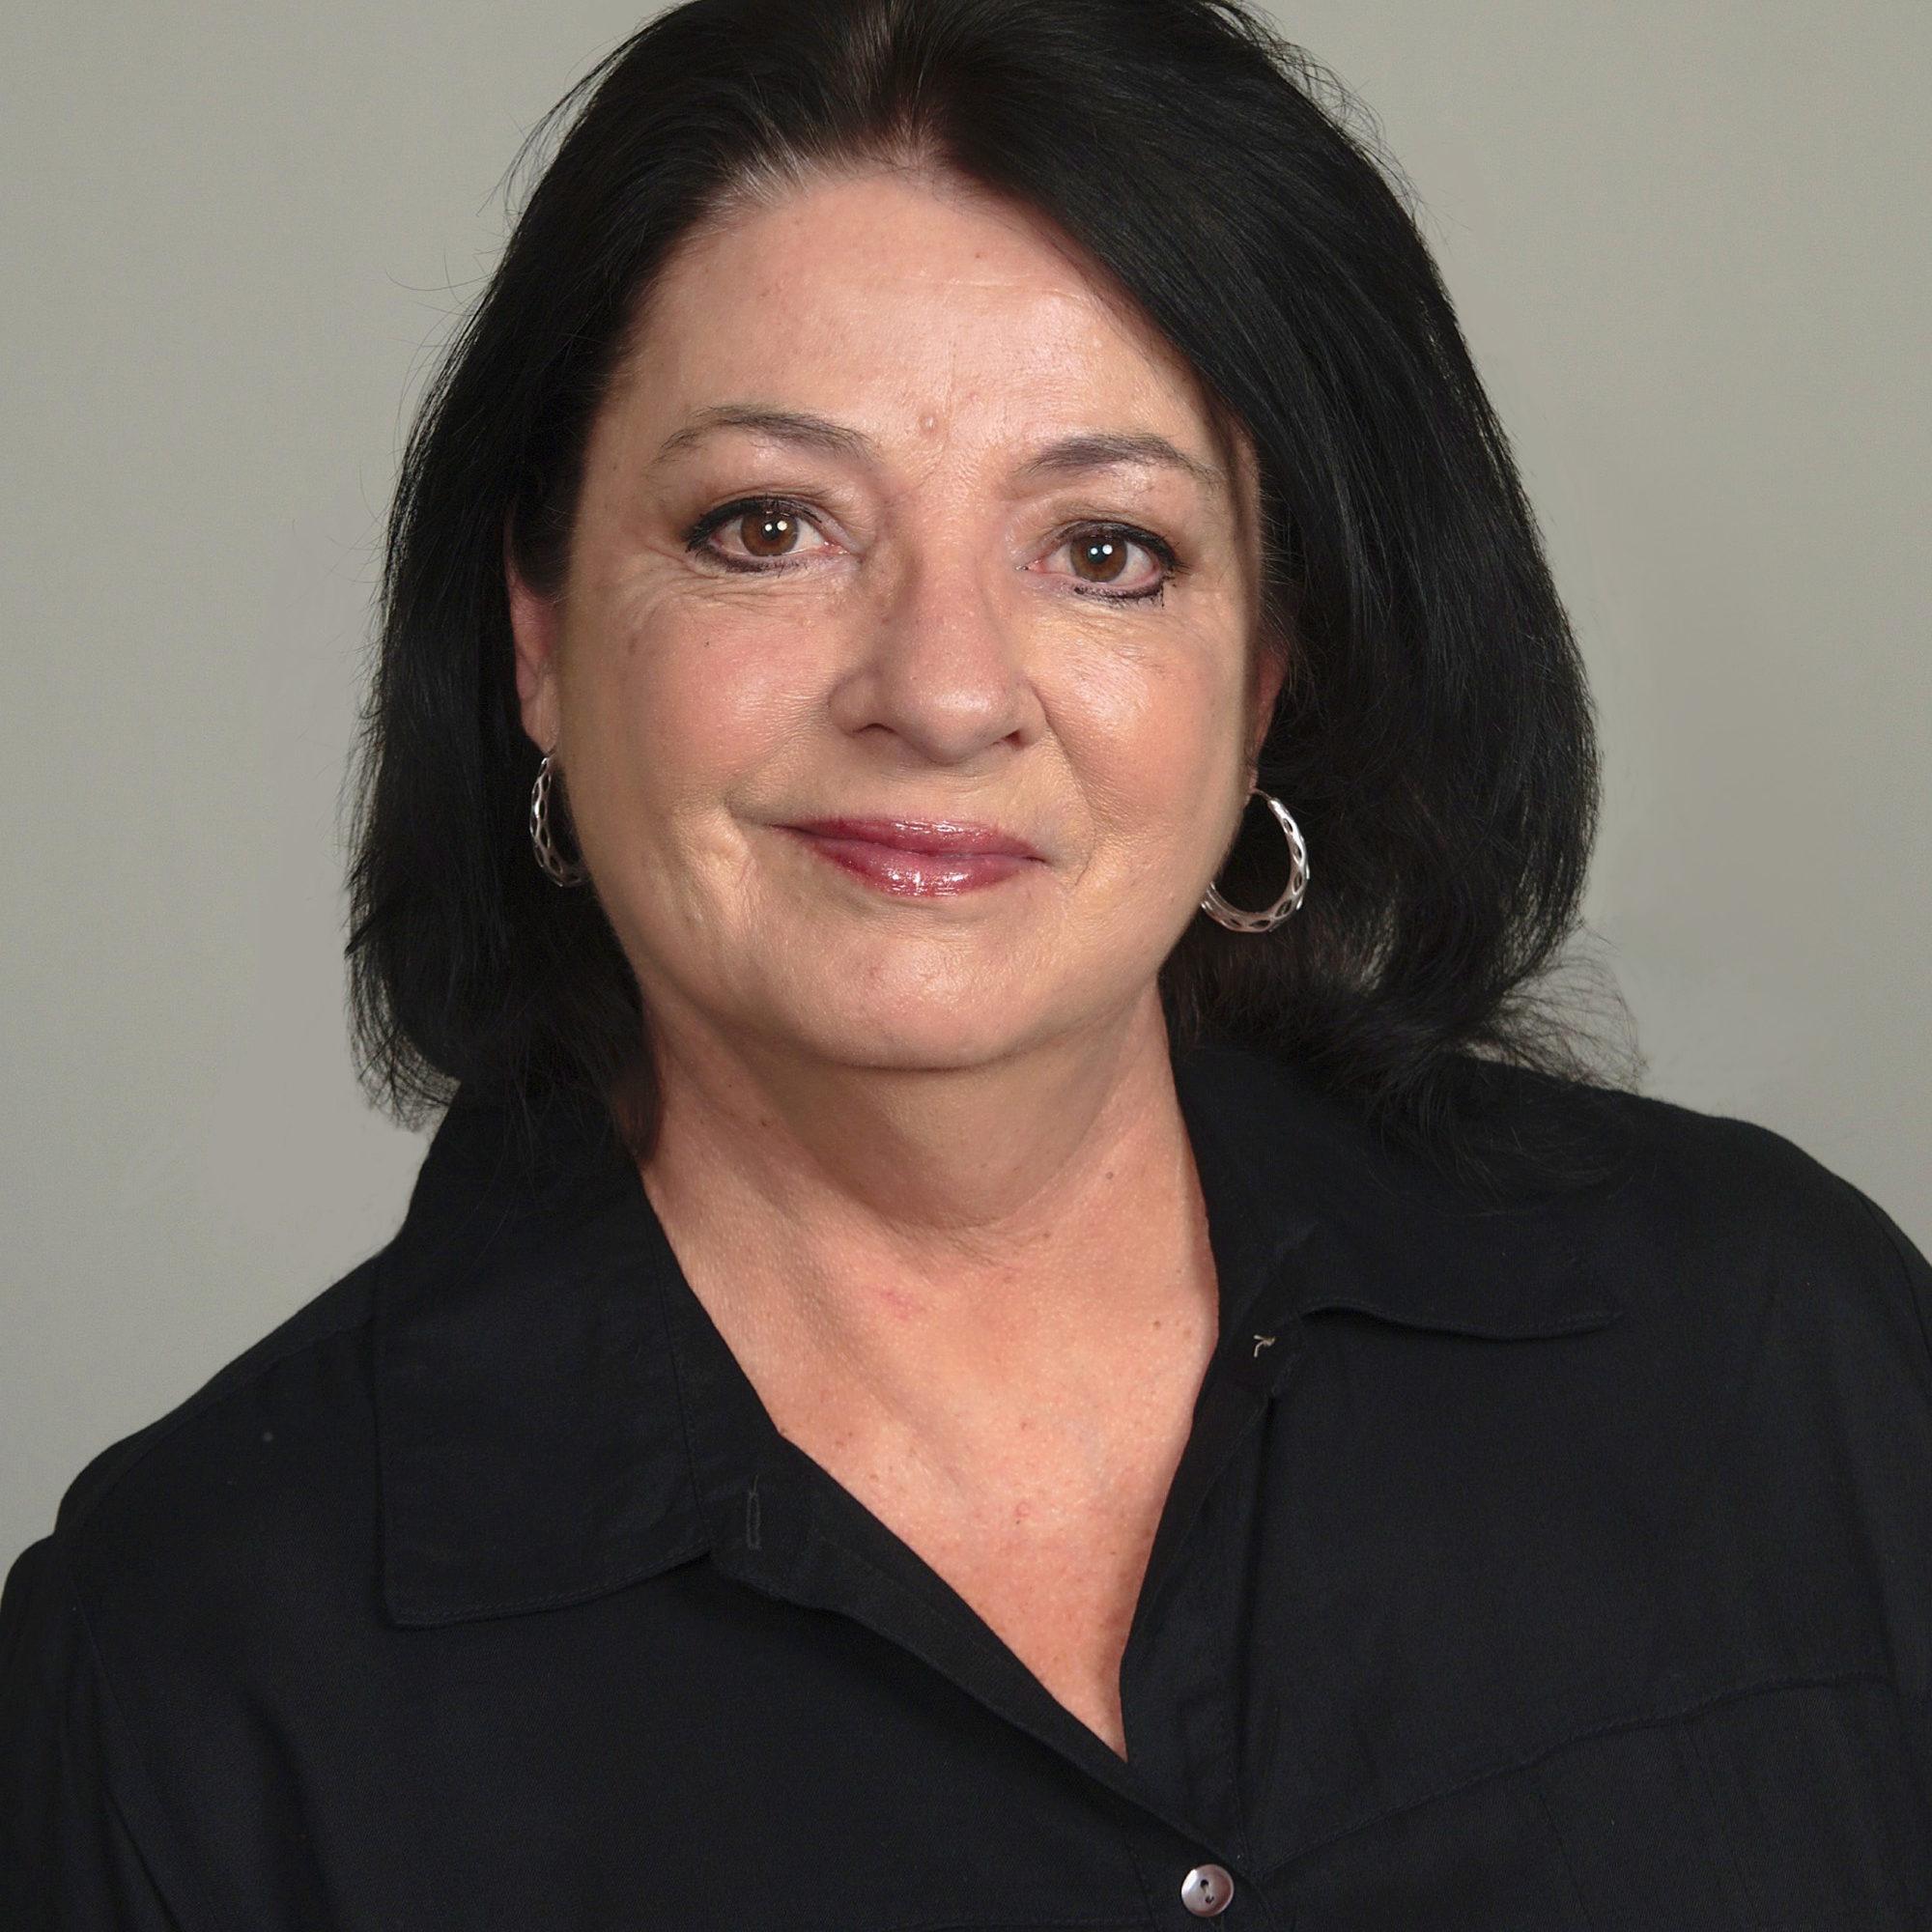 Kathy Simmermon